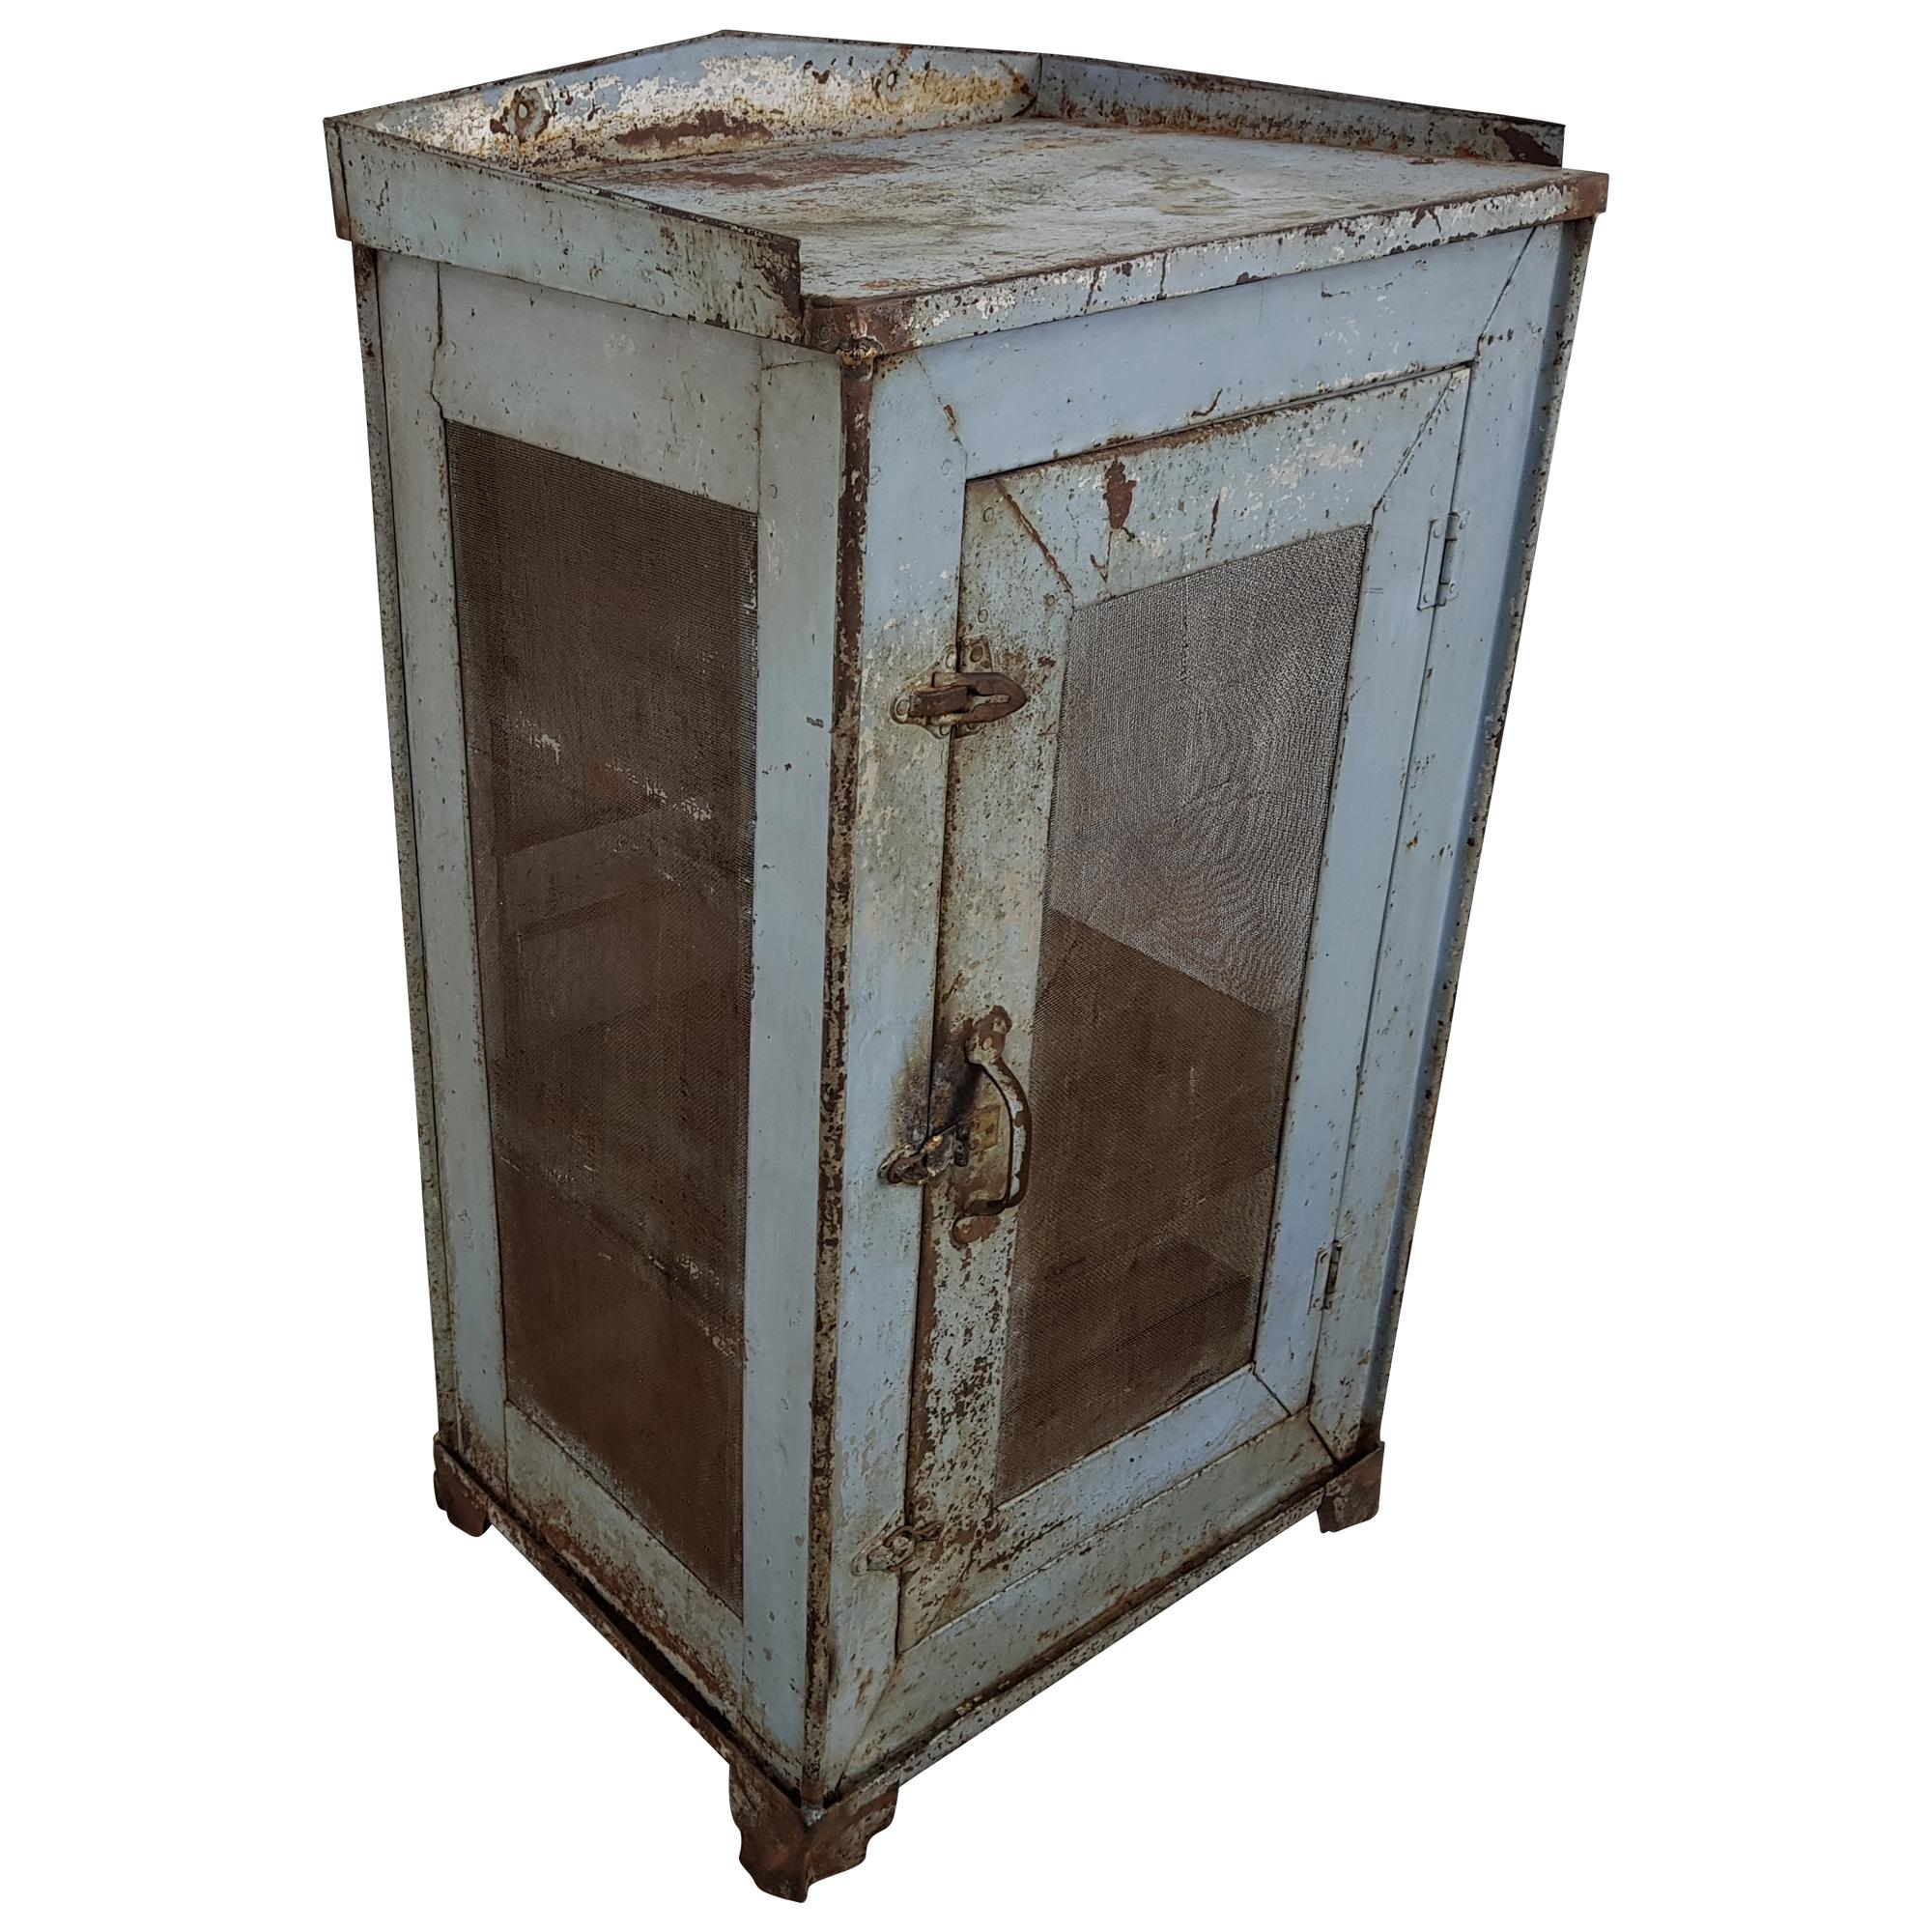 Kommode Anrichte Schrank Blau Gitter Industrial Vintage Chic Design